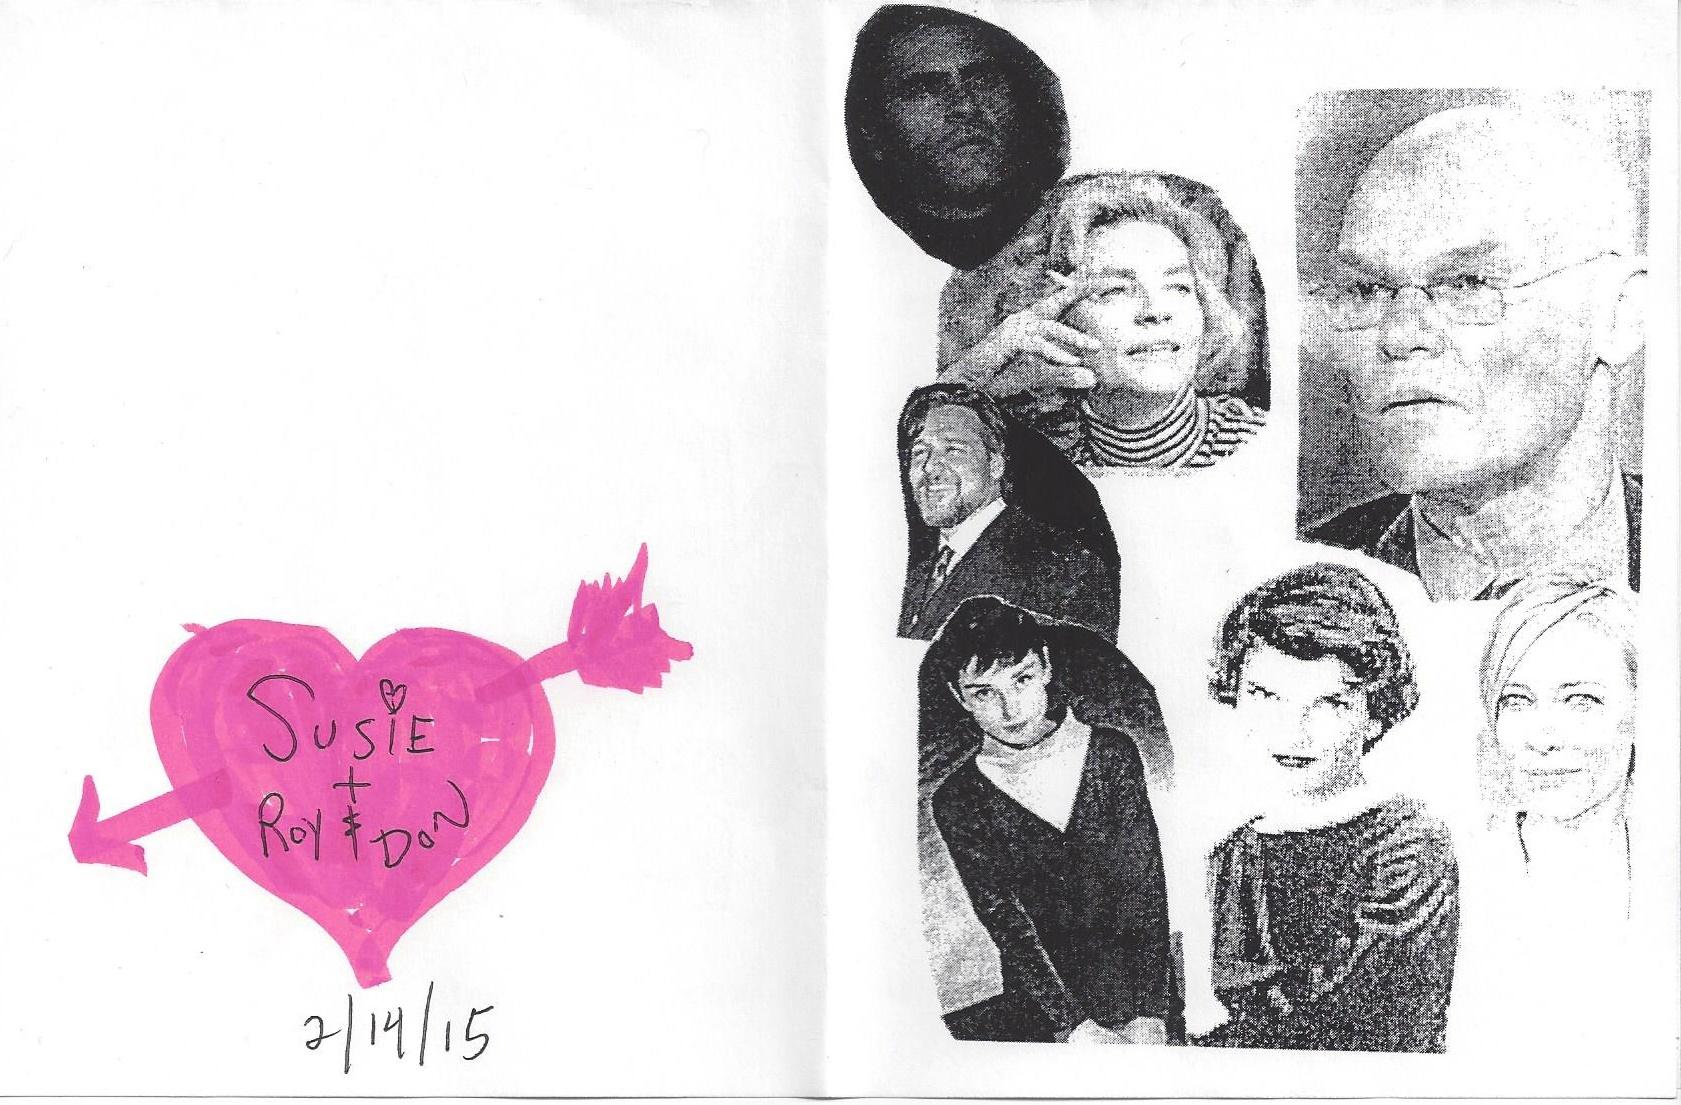 Susie 2015 Valentine